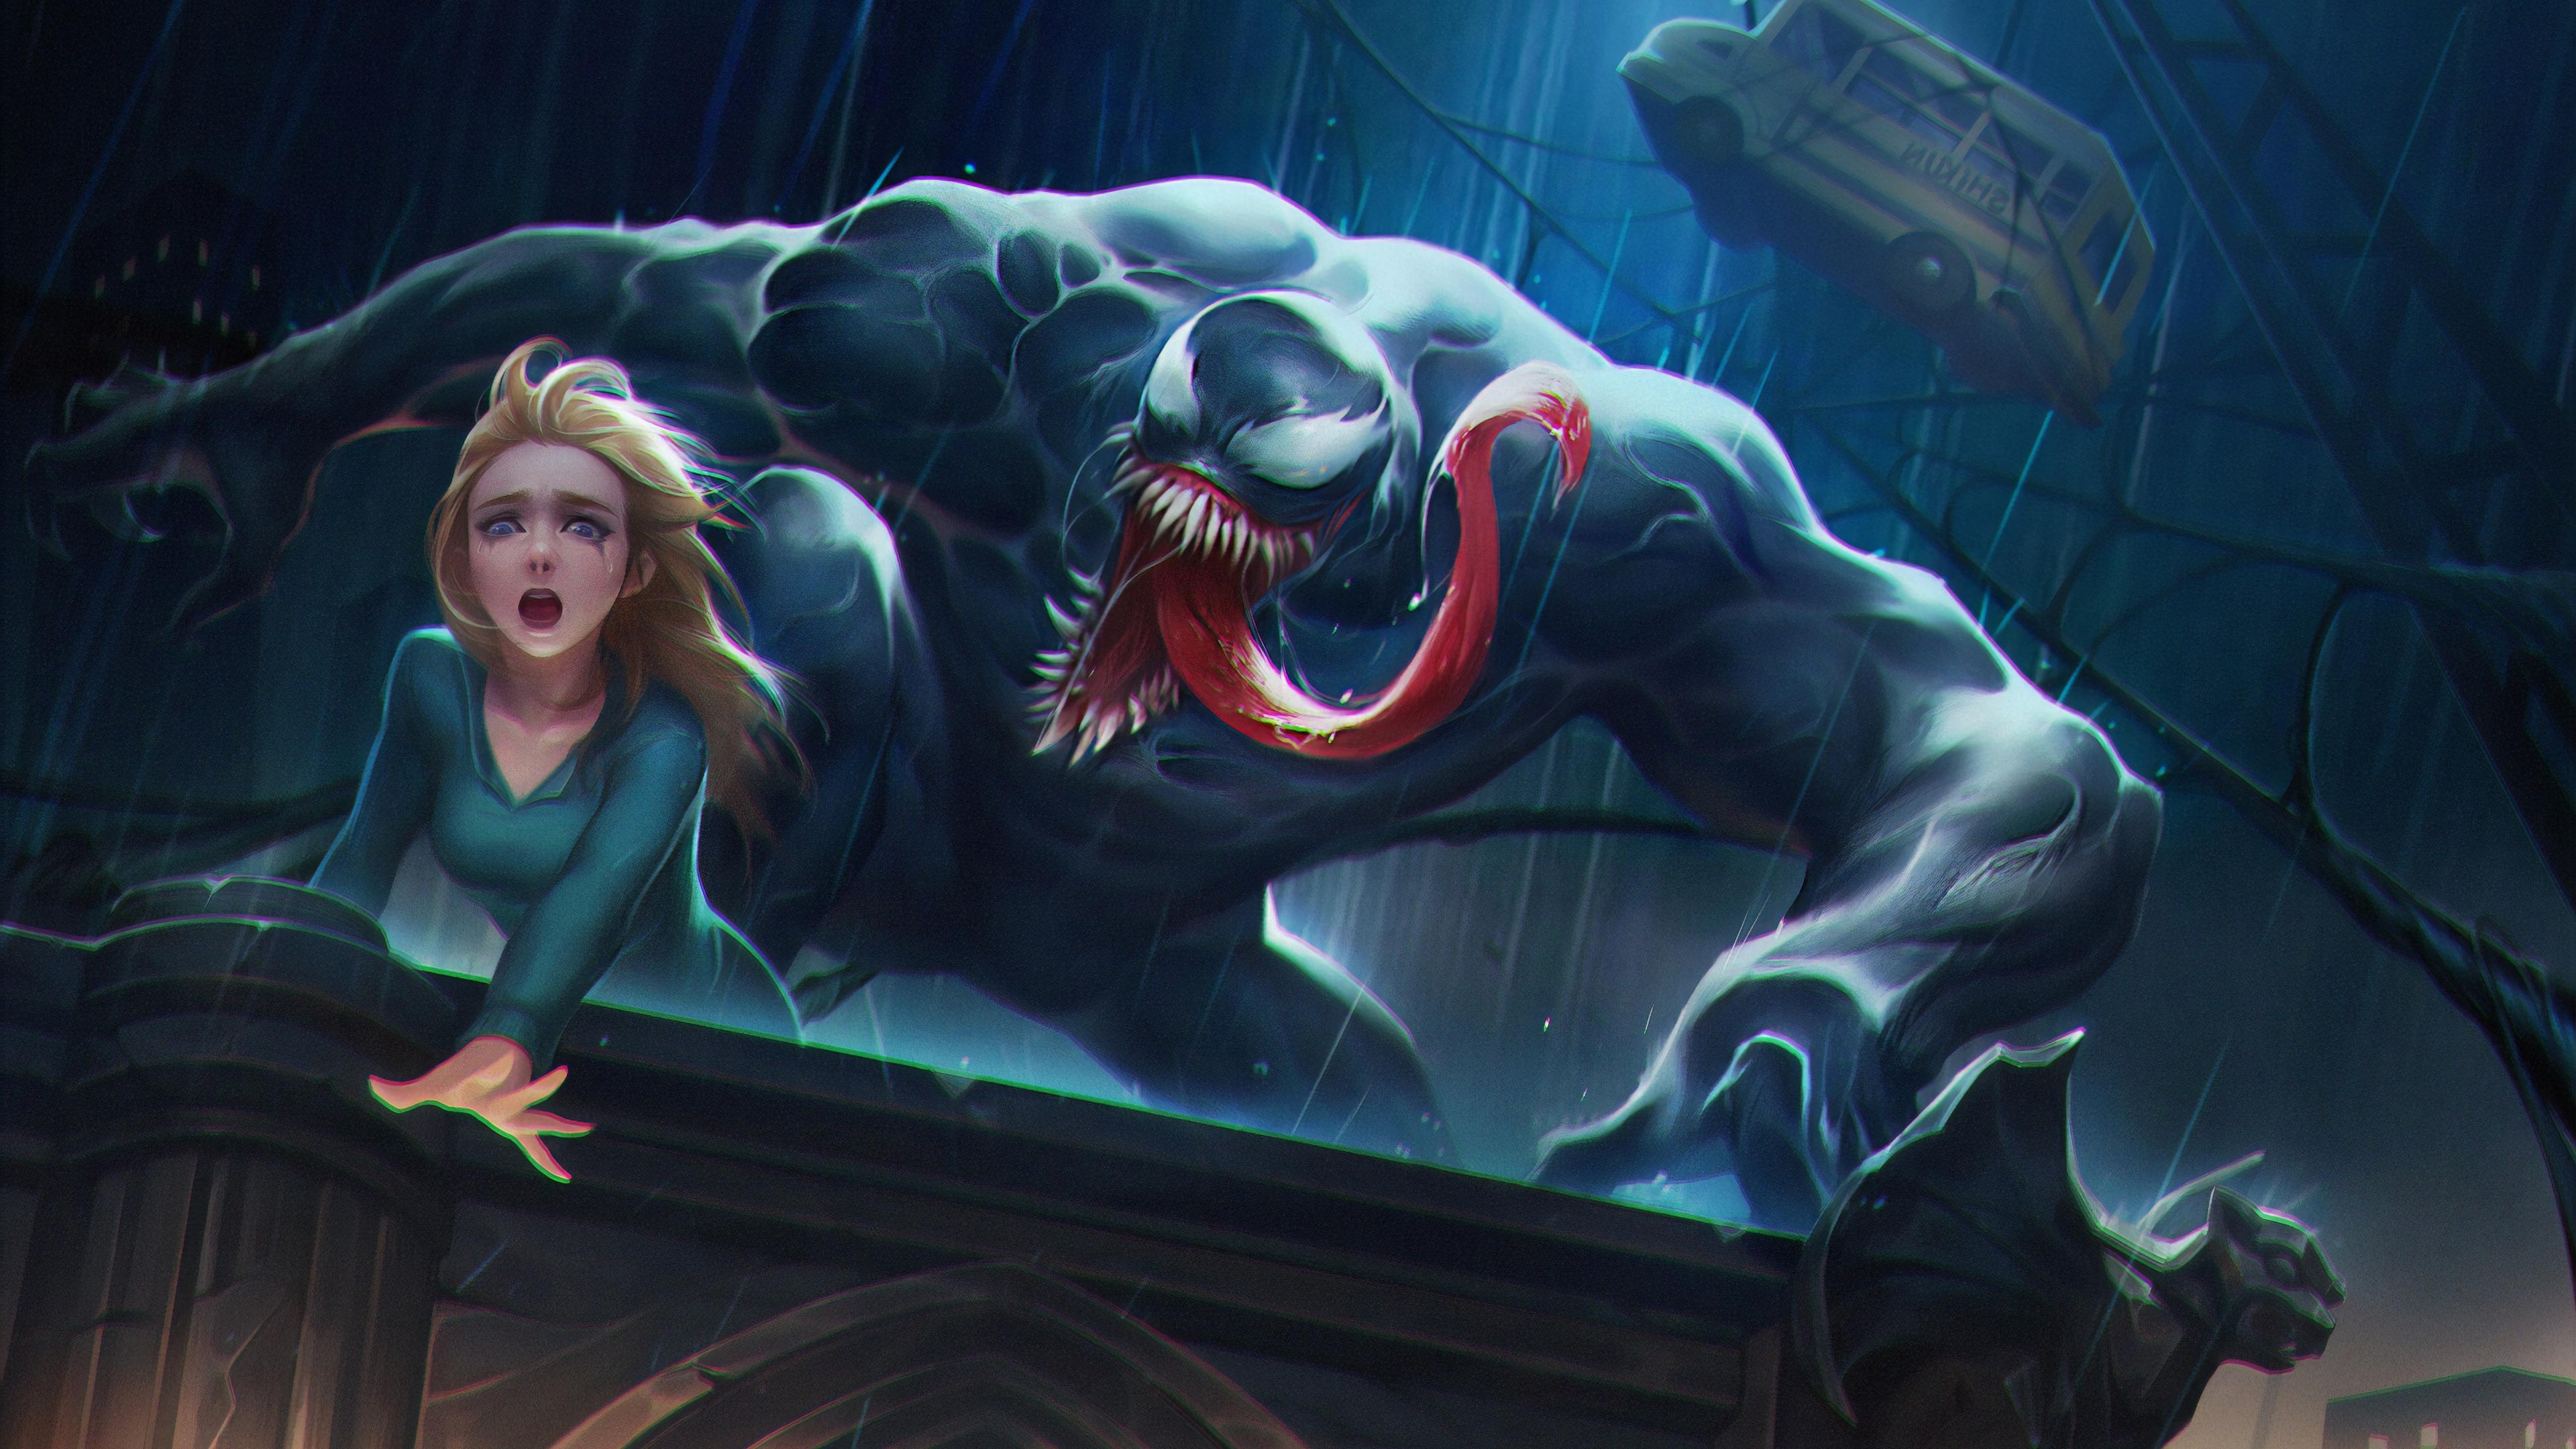 venom about to eat girl 1570394690 - Venom About To Eat Girl - Venom wallpapers, superheroes wallpapers, hd-wallpapers, digital art wallpapers, artwork wallpapers, artstation wallpapers, 4k-wallpapers